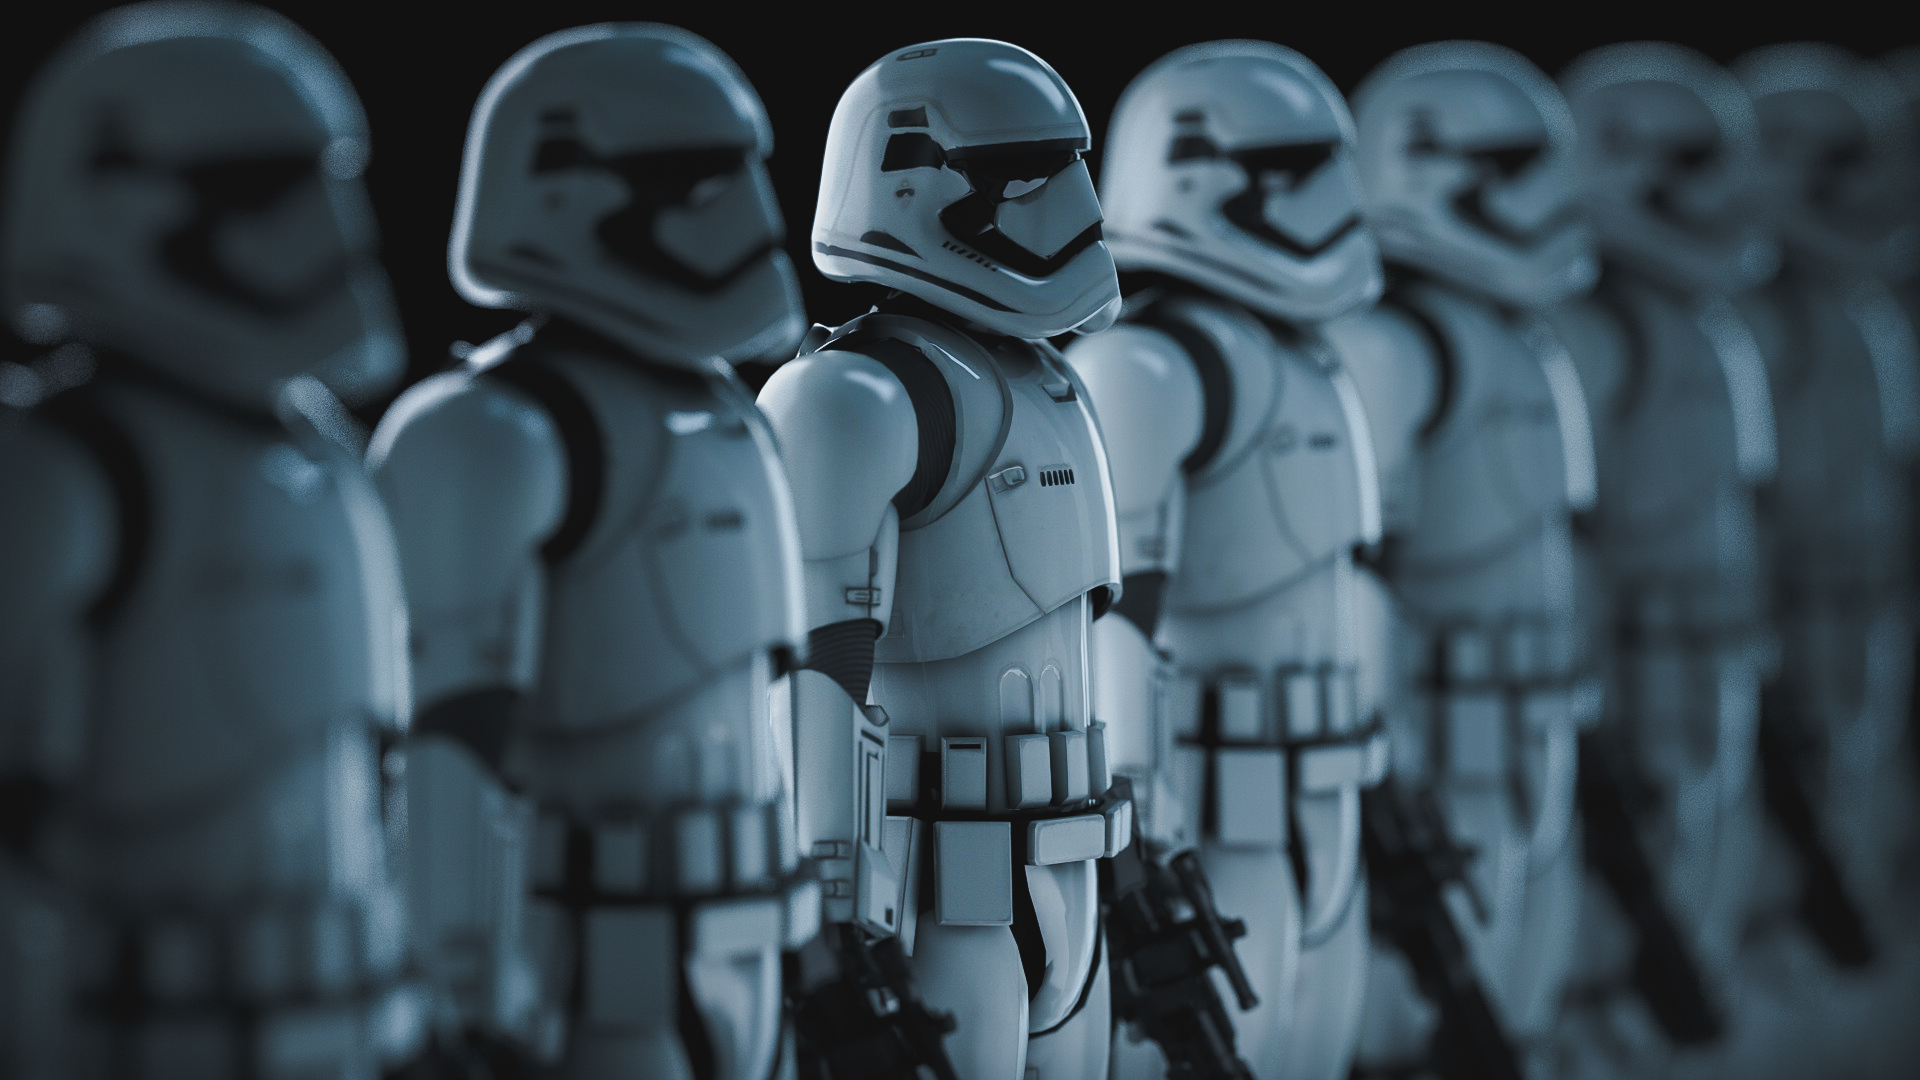 stormtrooper_0001.jpg